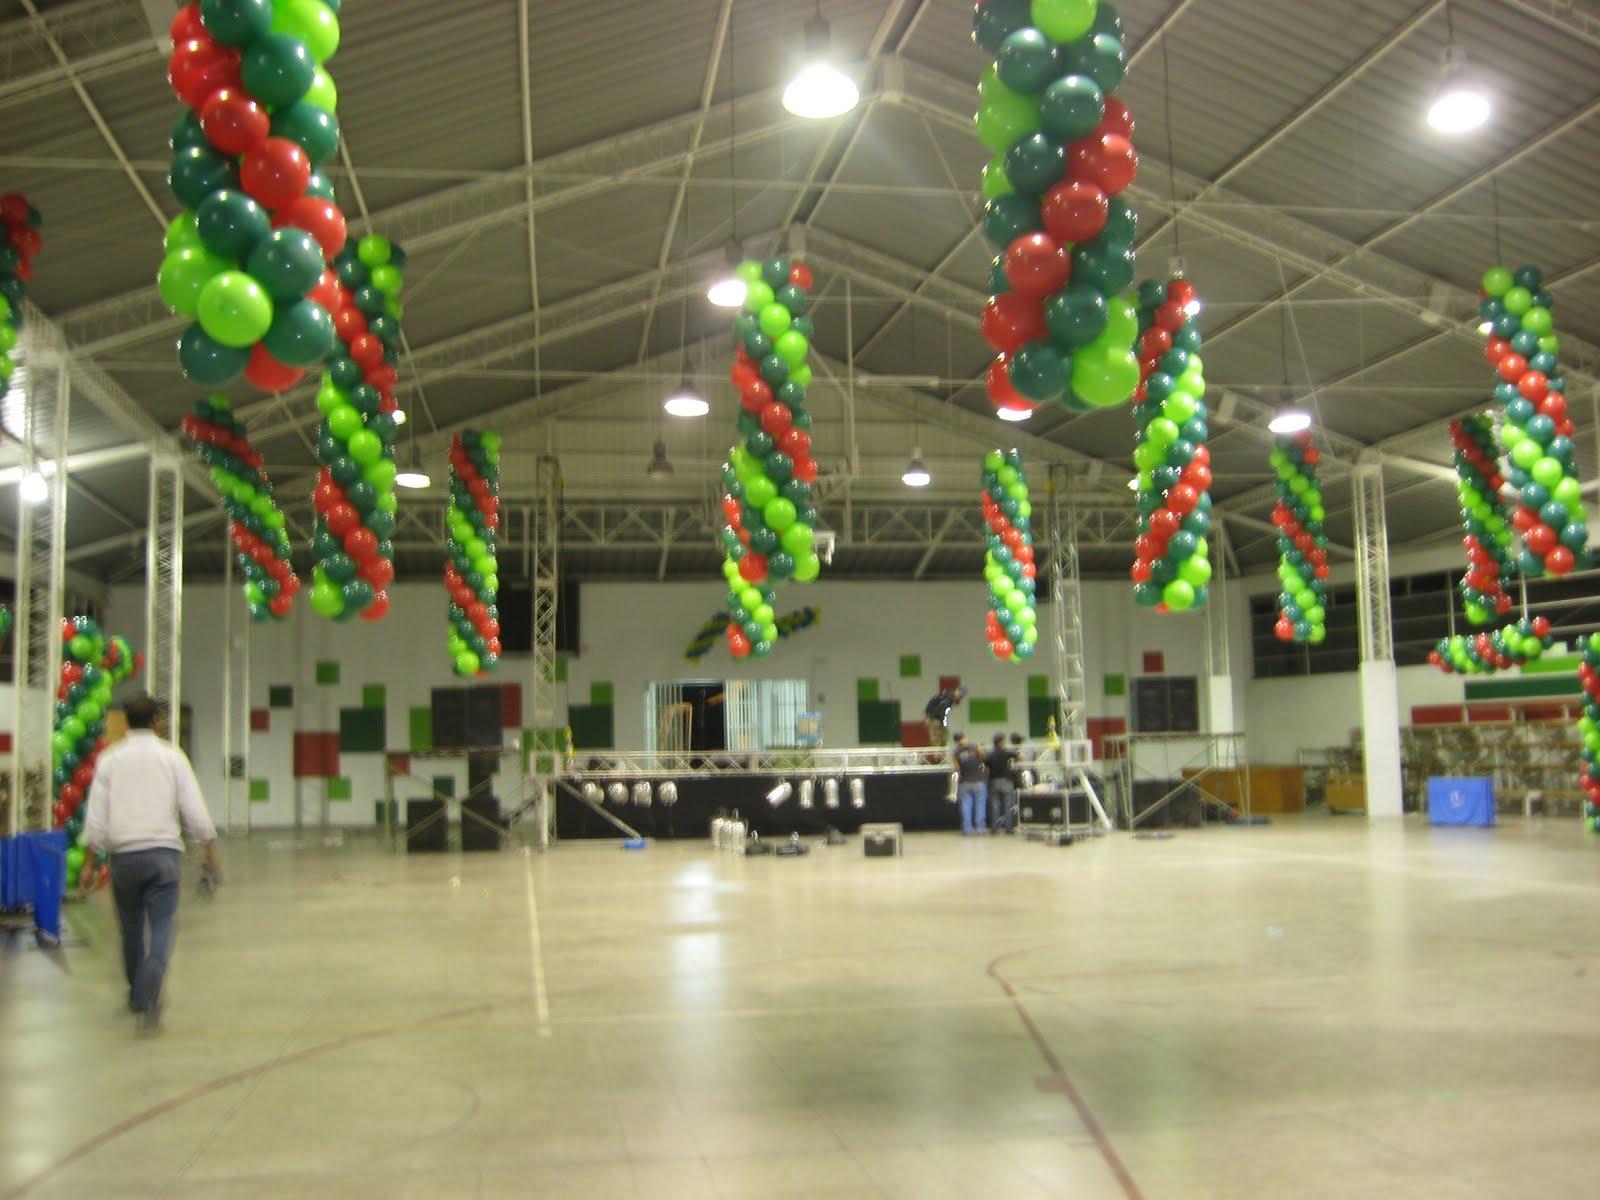 Decoracion con globos trenzas en gimnasio - Decoracion de gimnasios ...